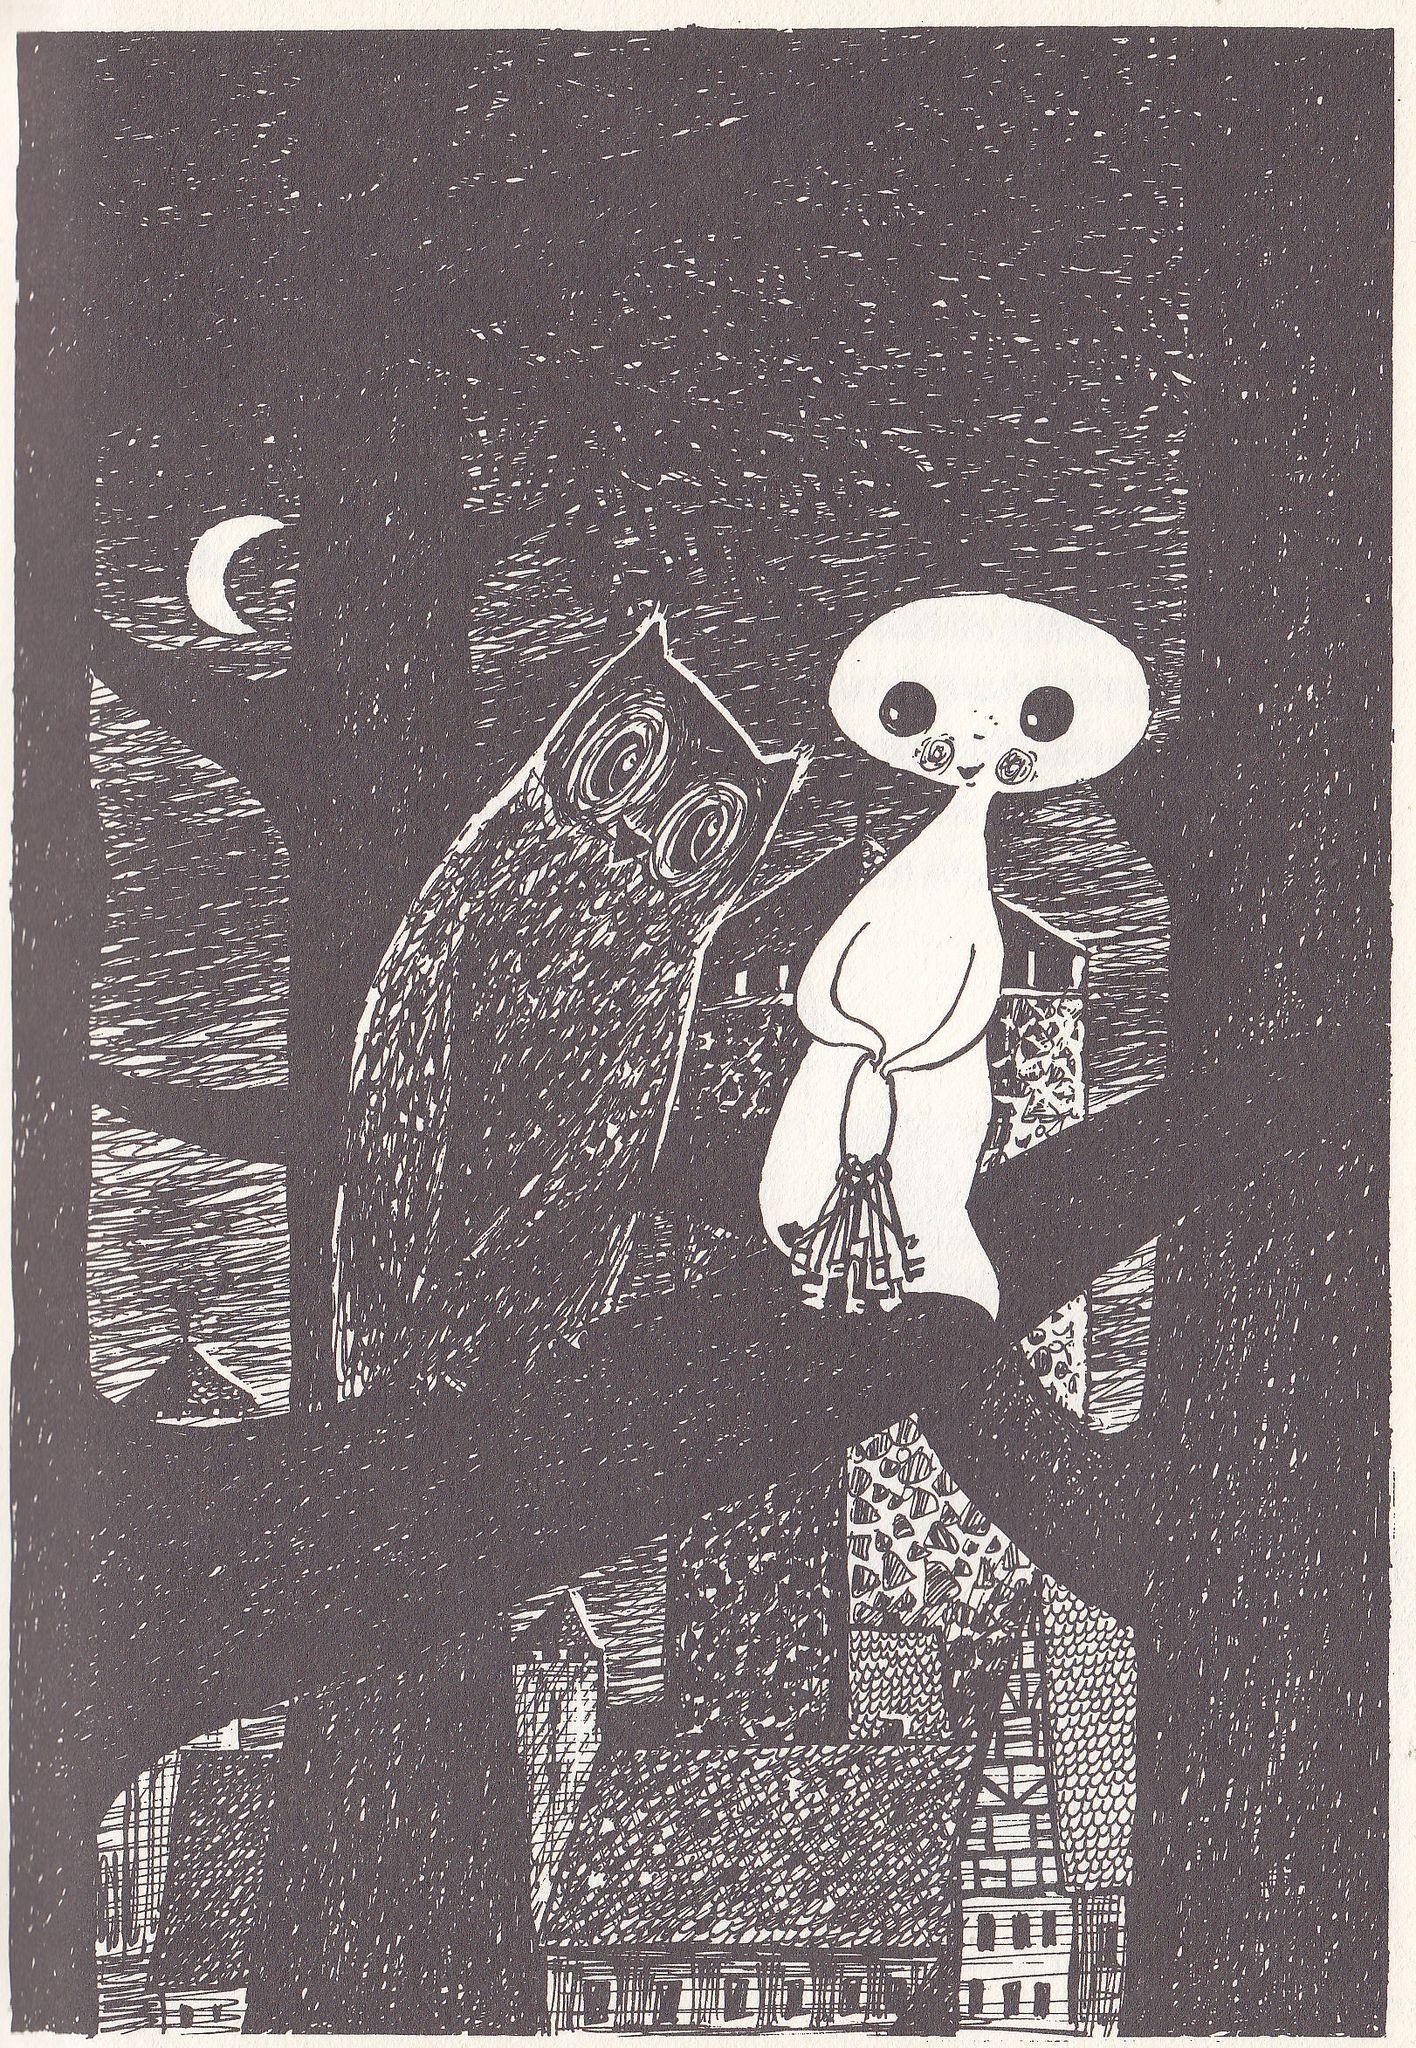 Das Kleine Gespenst Ausmalbild - Cartoon-Bild